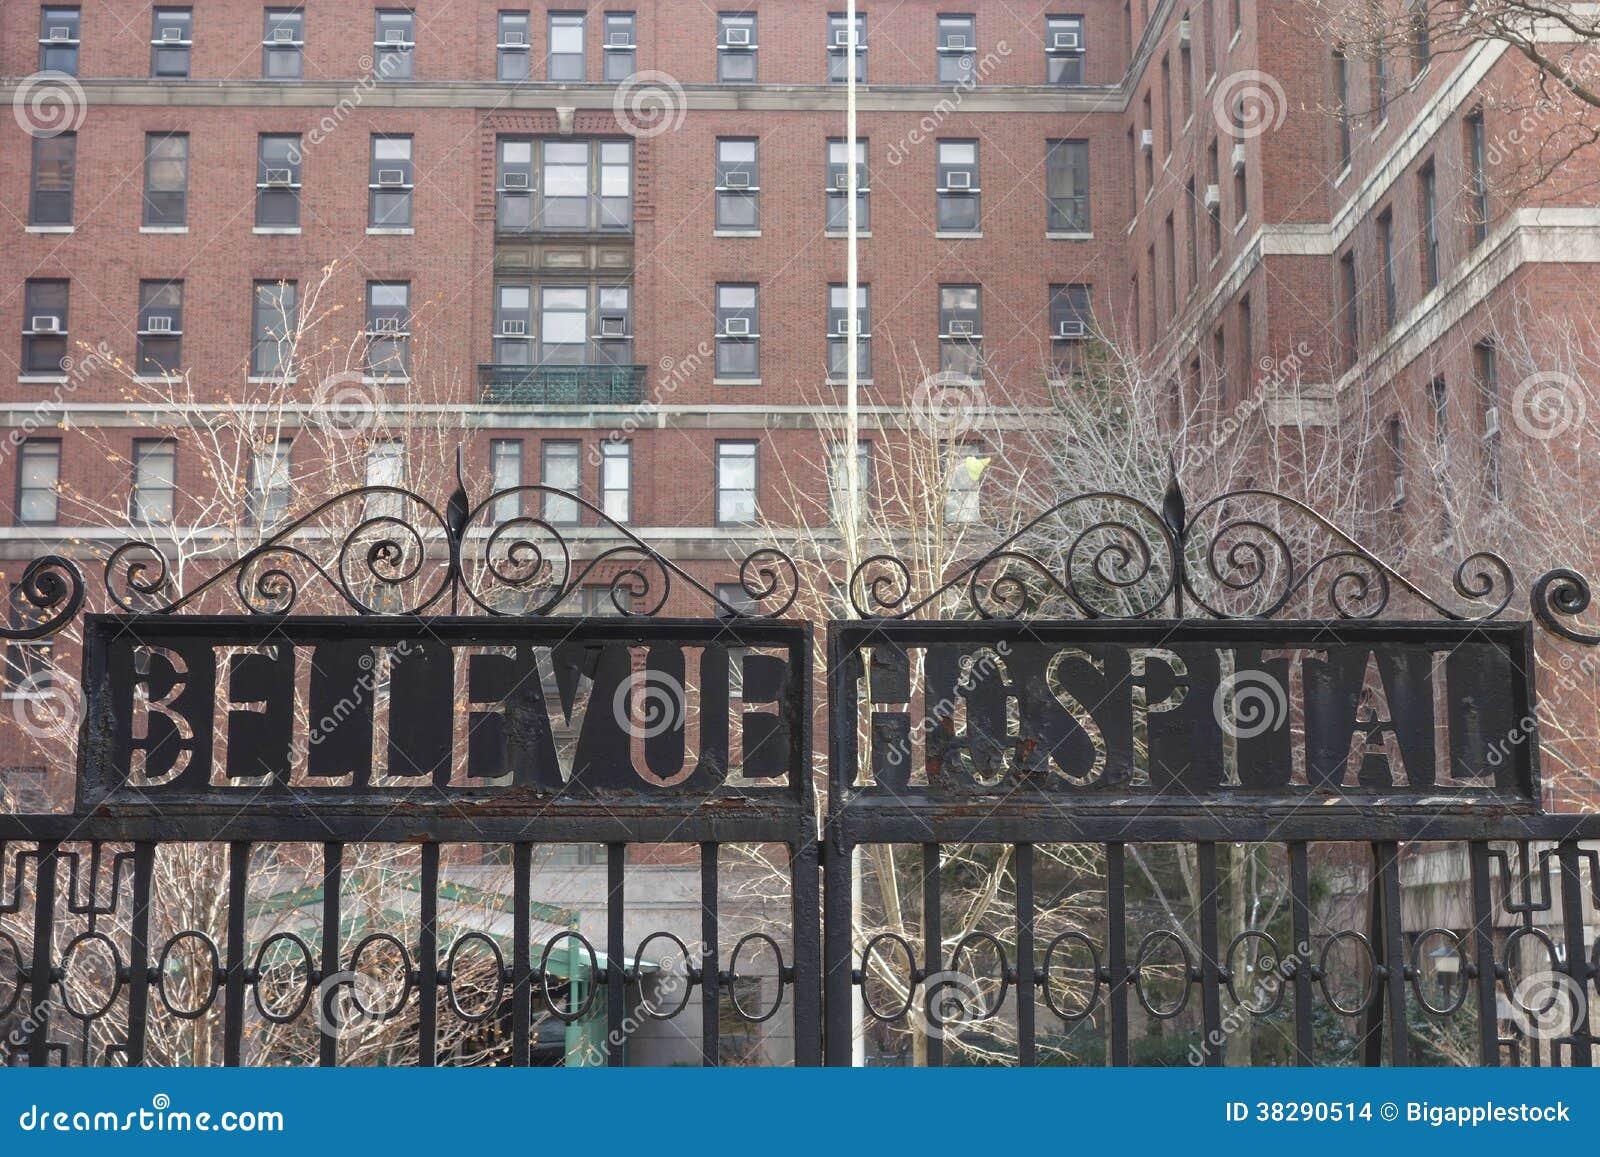 Het Bellevueziekenhuis